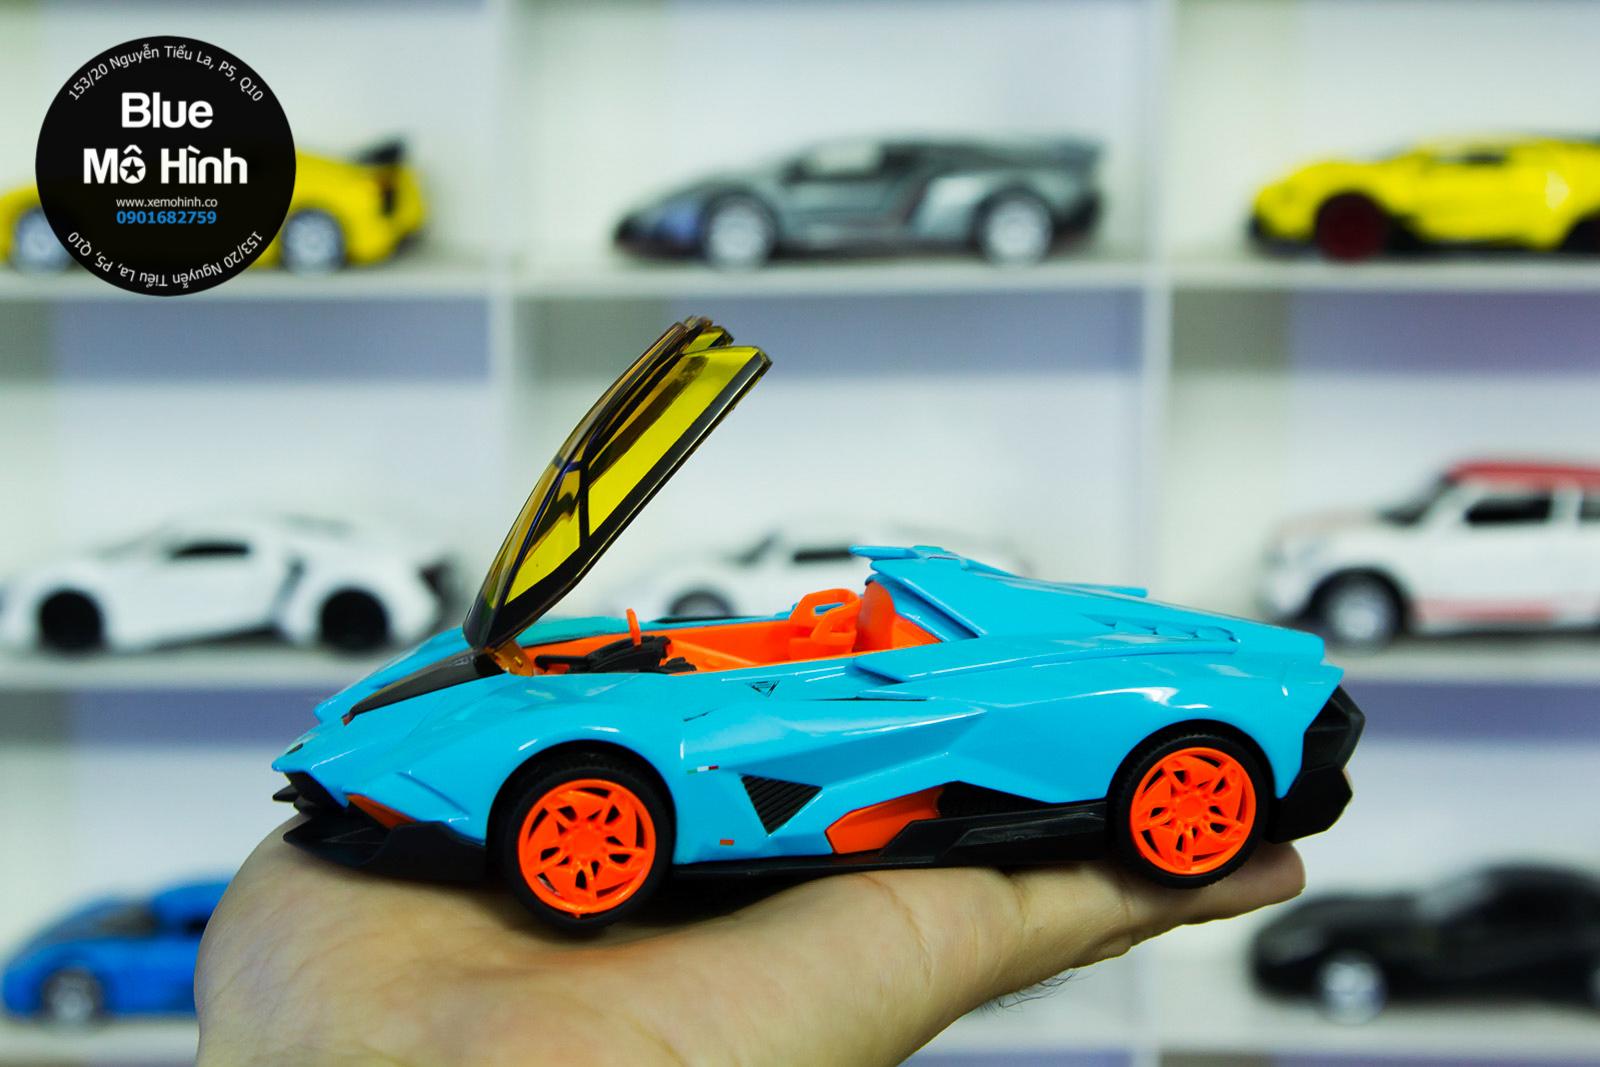 Lamborghini Egoista 1 Blue Mo Hinh